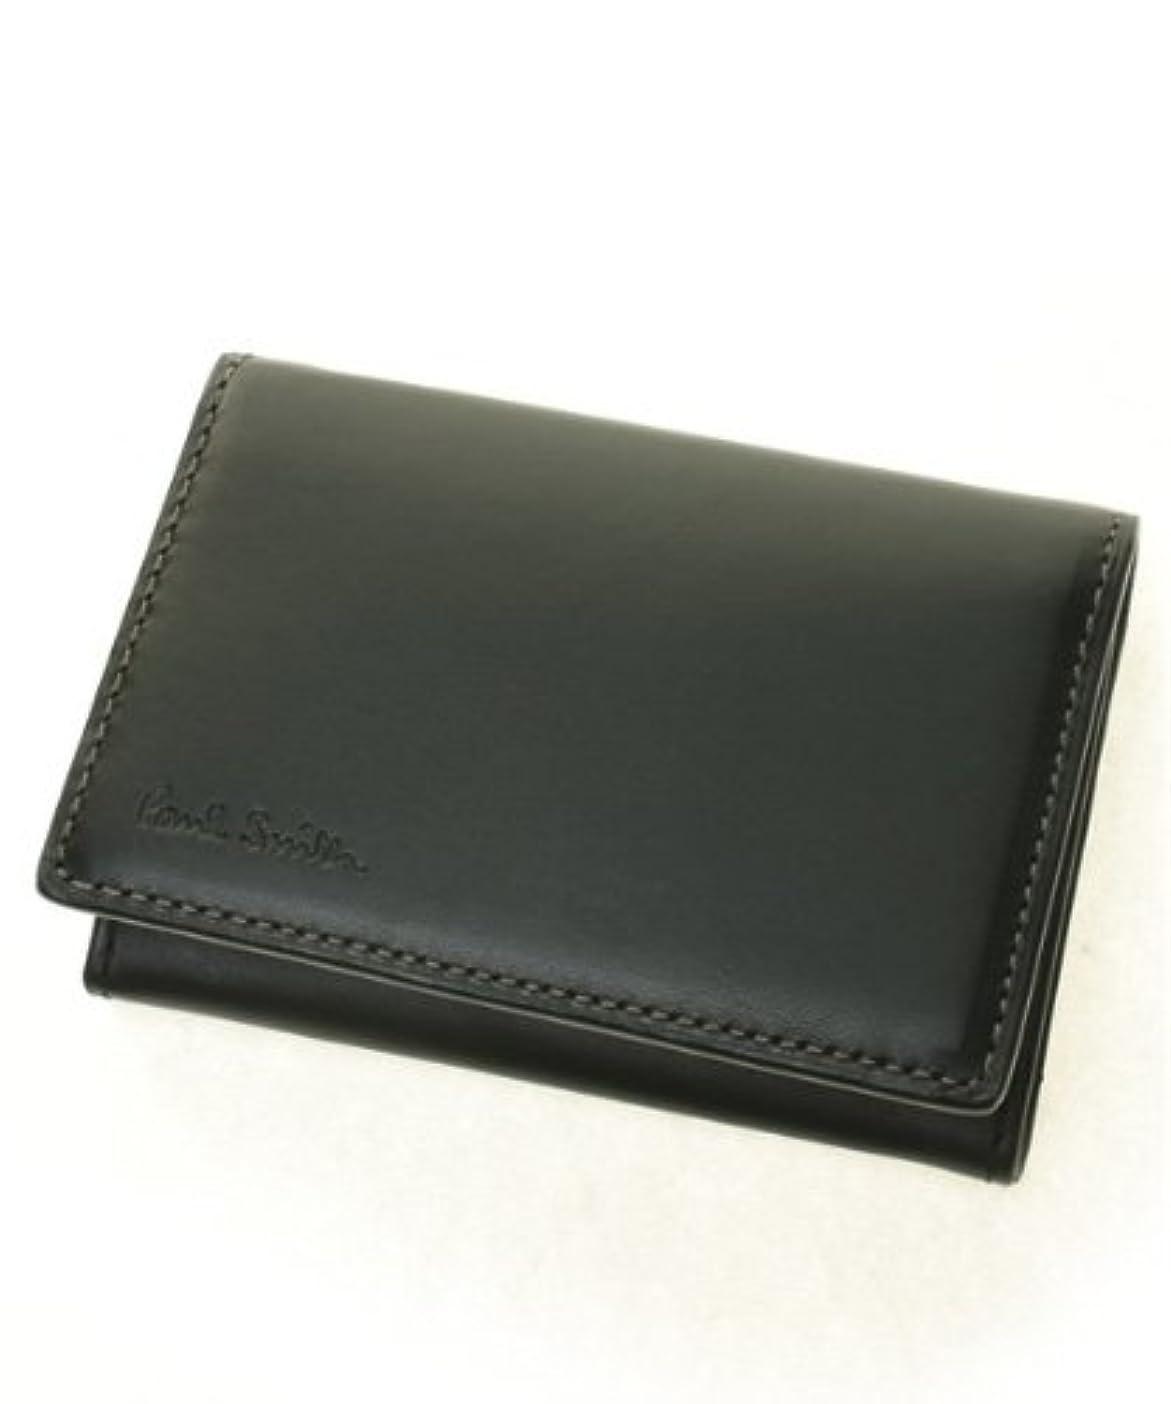 サーバ前件記述するポールスミス Paul Smith メンズ 本革 OLD LEATHER カードケース 833170 P903